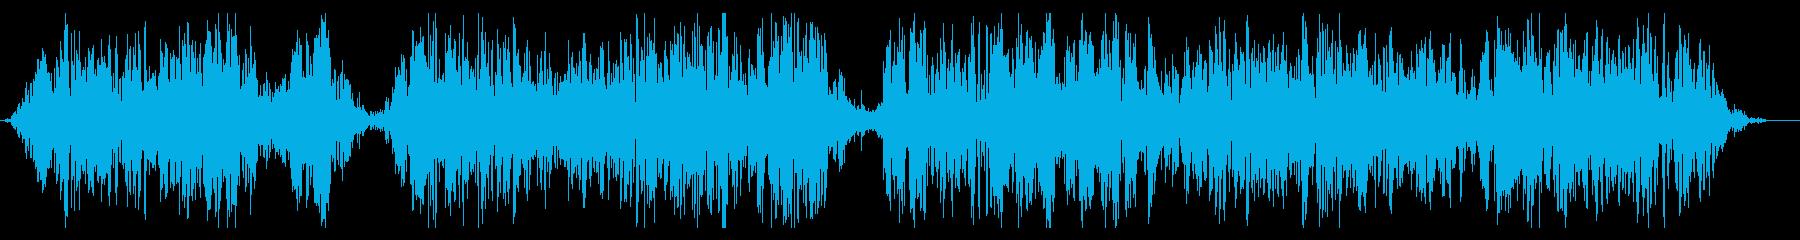 スライムなどが蠢く音タイプC#9の再生済みの波形